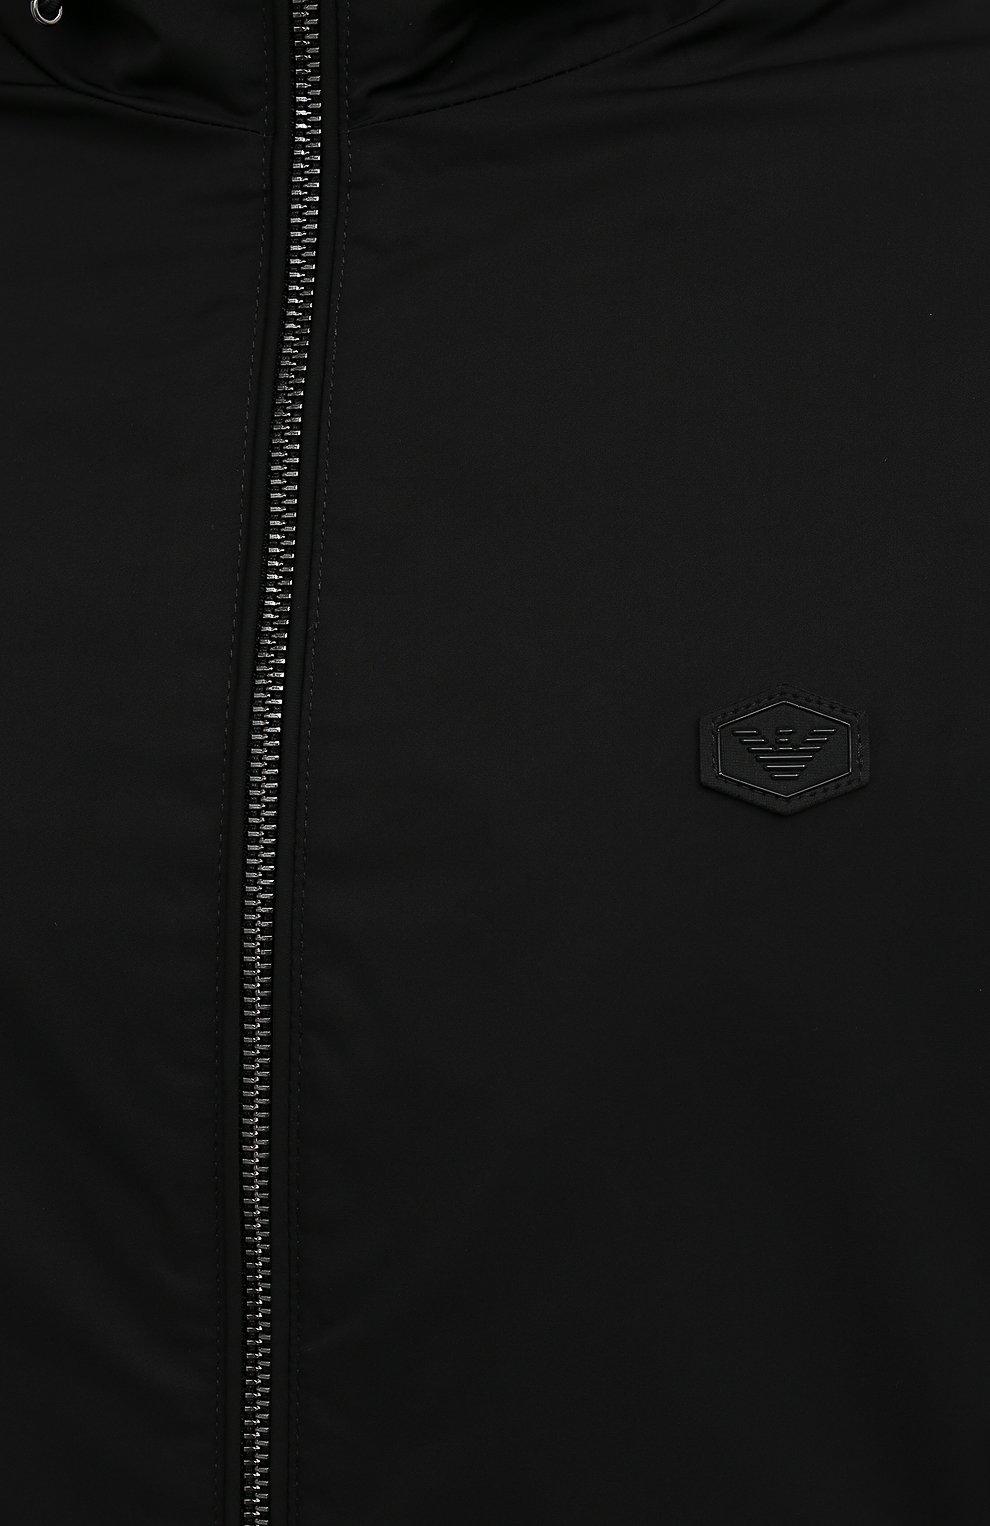 Мужская куртка EMPORIO ARMANI черного цвета, арт. 8N1BQ0/1NZQZ | Фото 5 (Кросс-КТ: Куртка, Ветровка; Рукава: Длинные; Материал внешний: Синтетический материал; Стили: Спорт-шик; Материал подклада: Синтетический материал; Длина (верхняя одежда): Короткие)